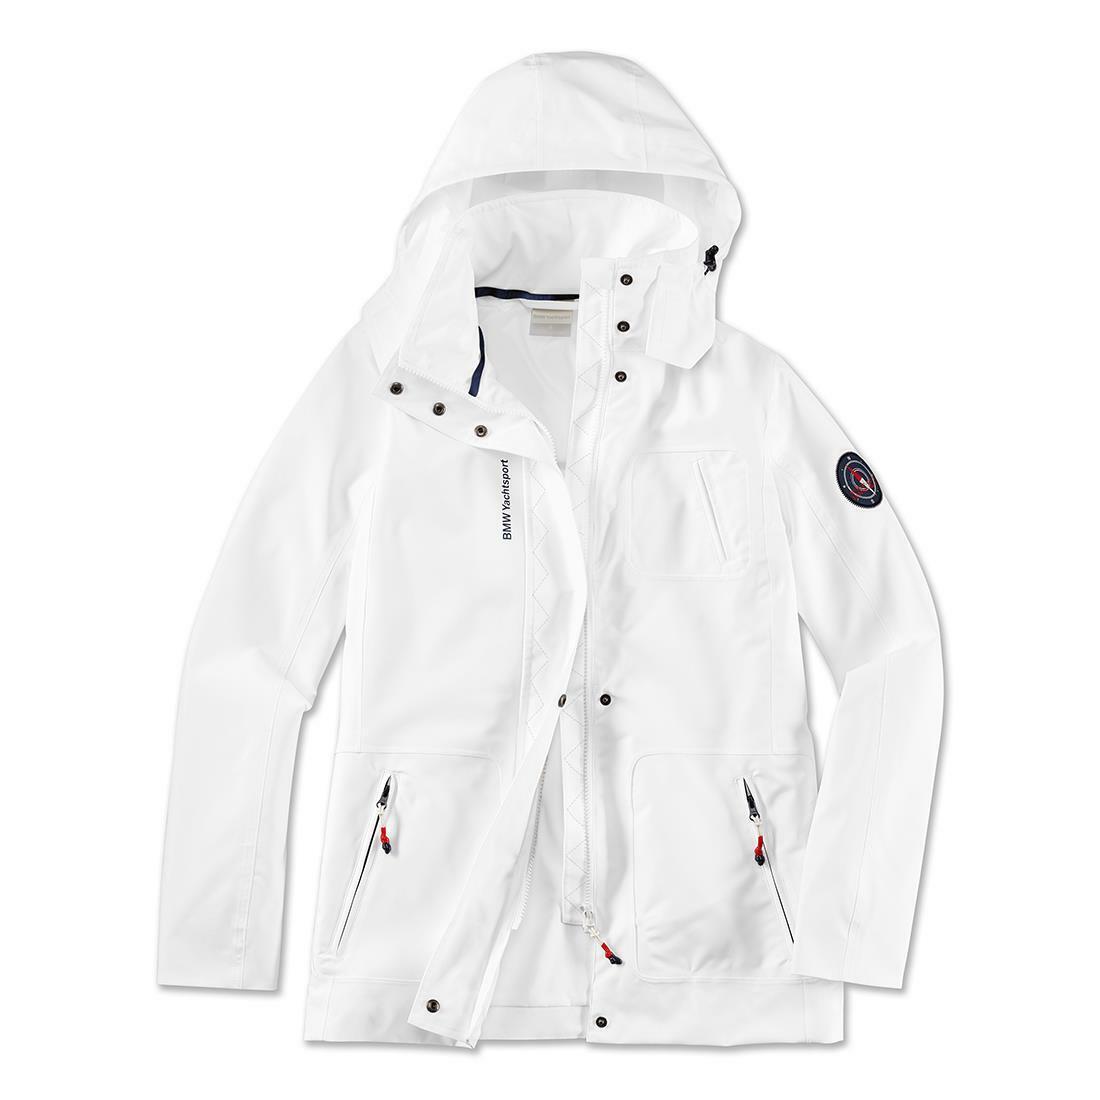 BMW Yachtsport  chaqueta, señoras mujer - 80142461051-055  marca en liquidación de venta